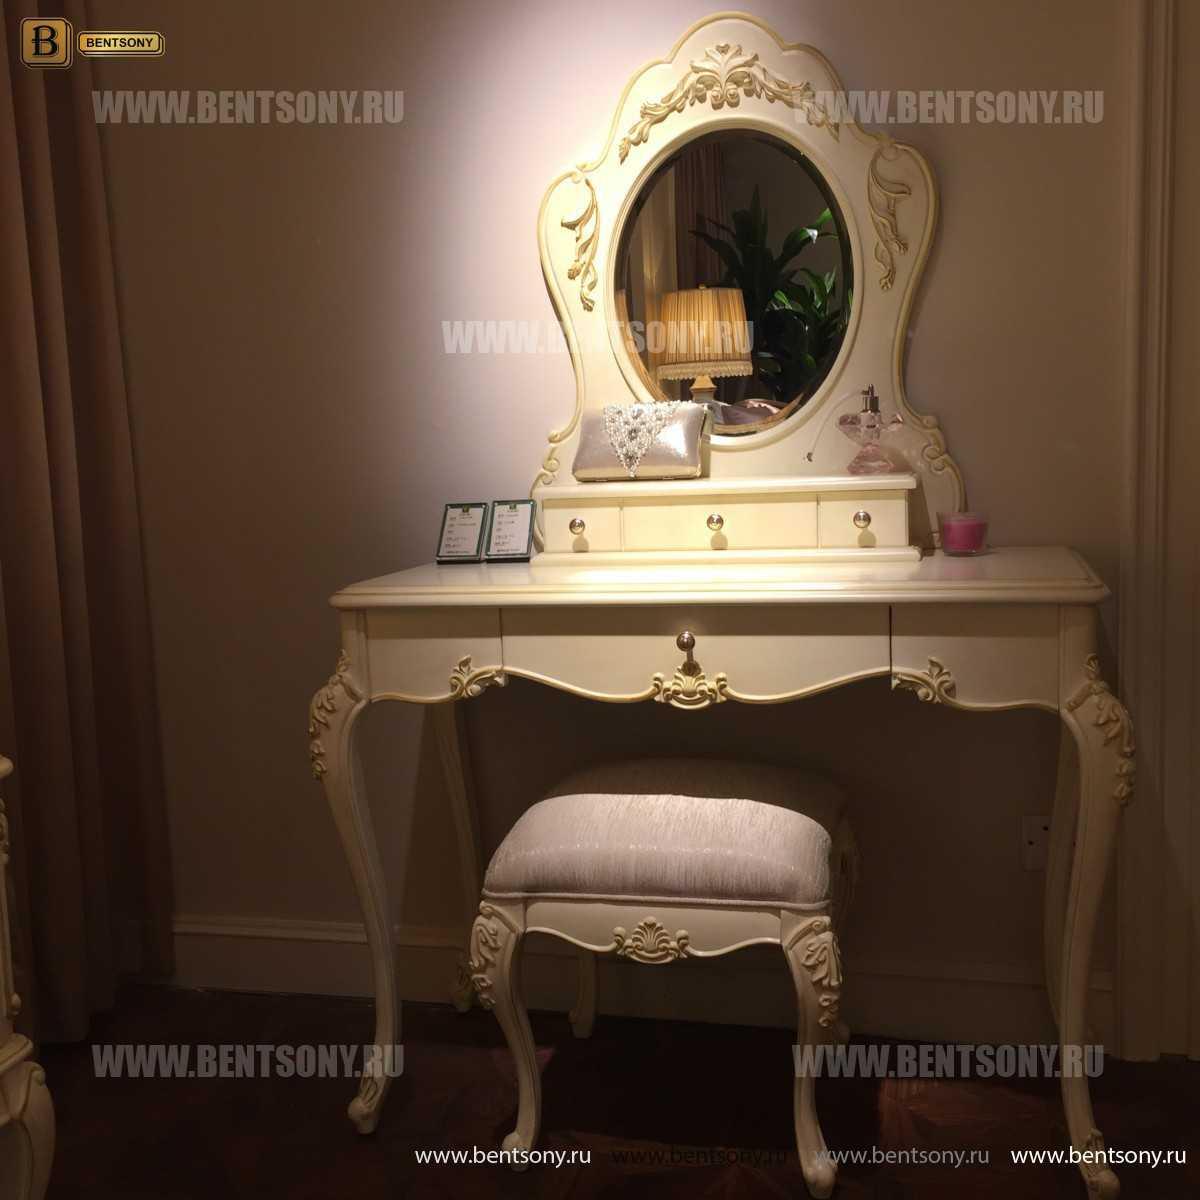 Стол туалетный Митчел В классический (Белый, Массив дерева) для квартиры